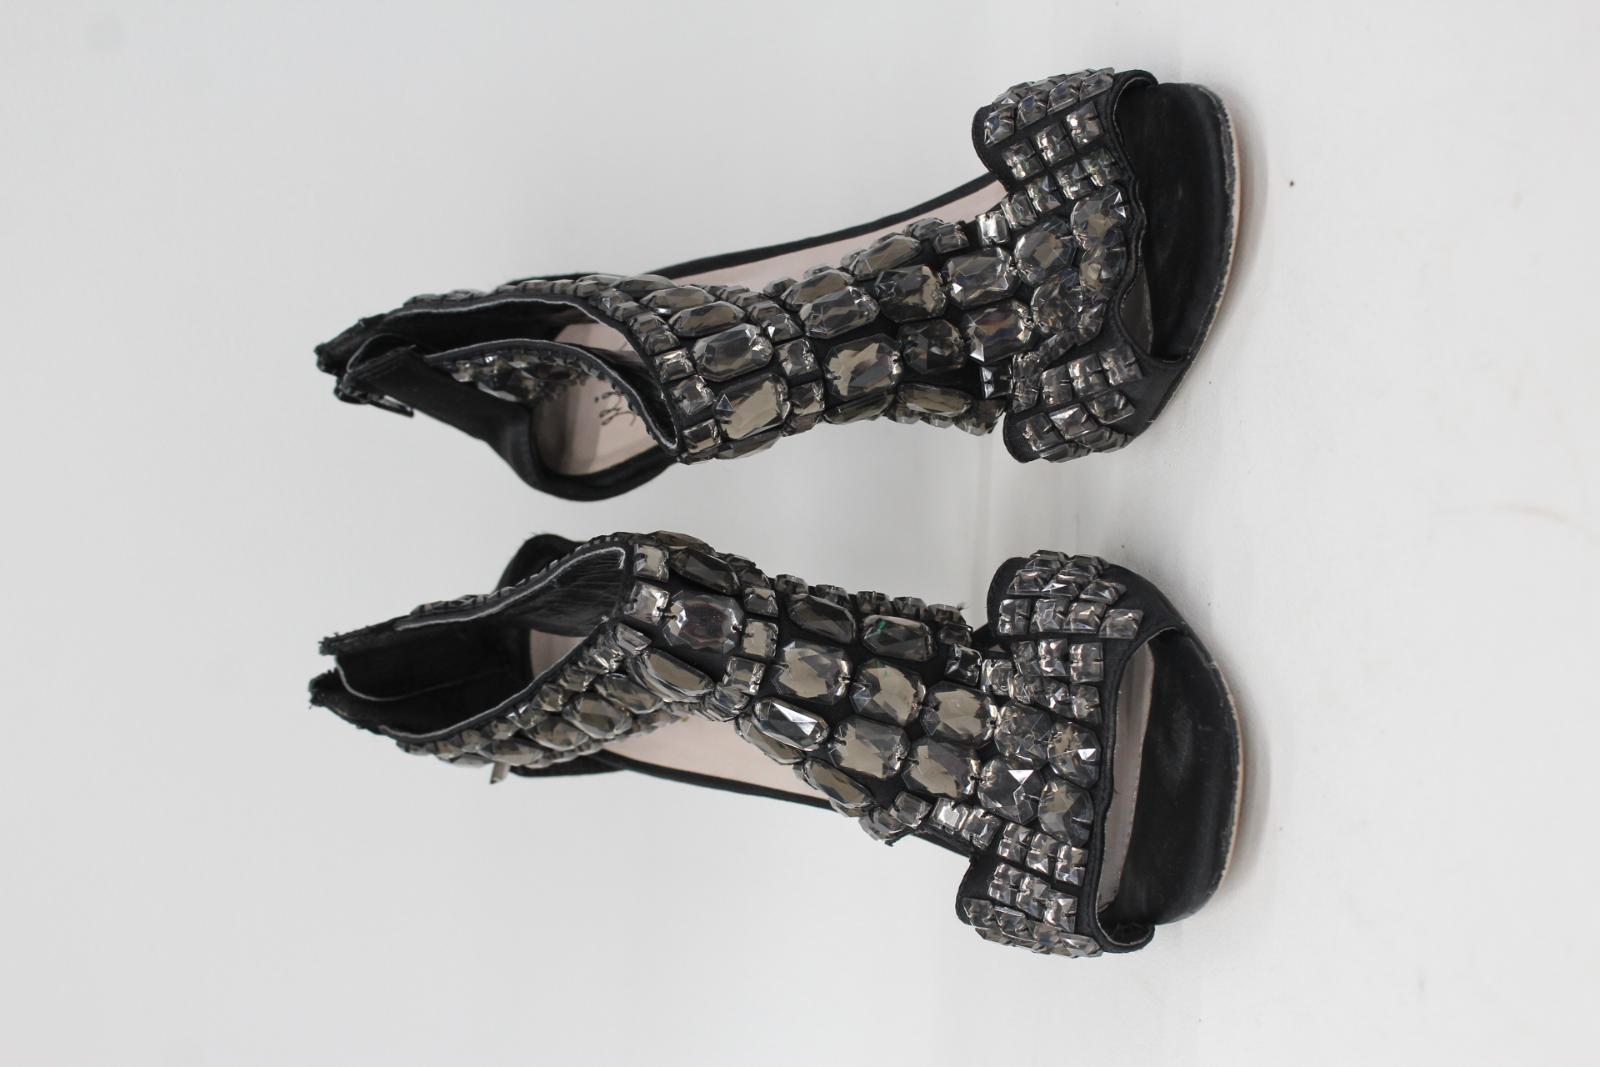 Uk7 alto tacco in Miss Uk40 Kg nero tacco gioiello Donna alto con raso Sandalo fBx7Axqg